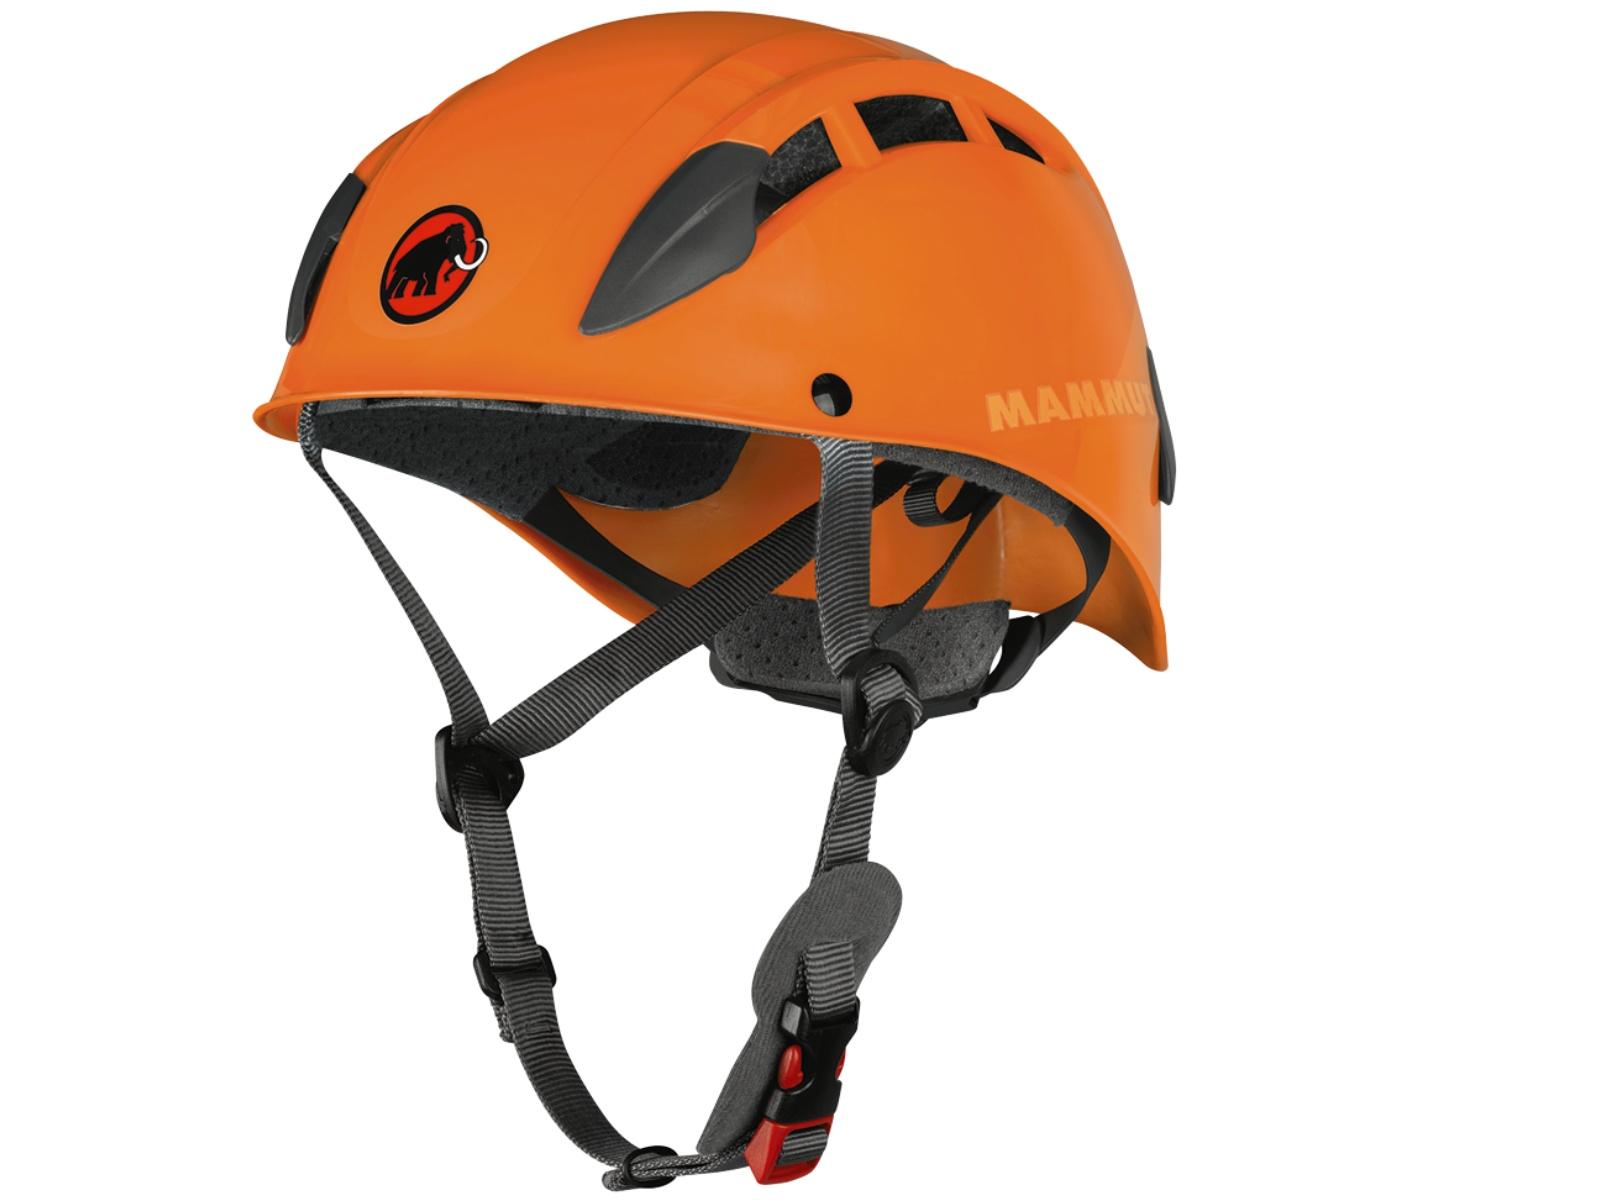 Horolezecká přilba MAMMUT Skywalker 2 oranžová, vel. 53-61 cm